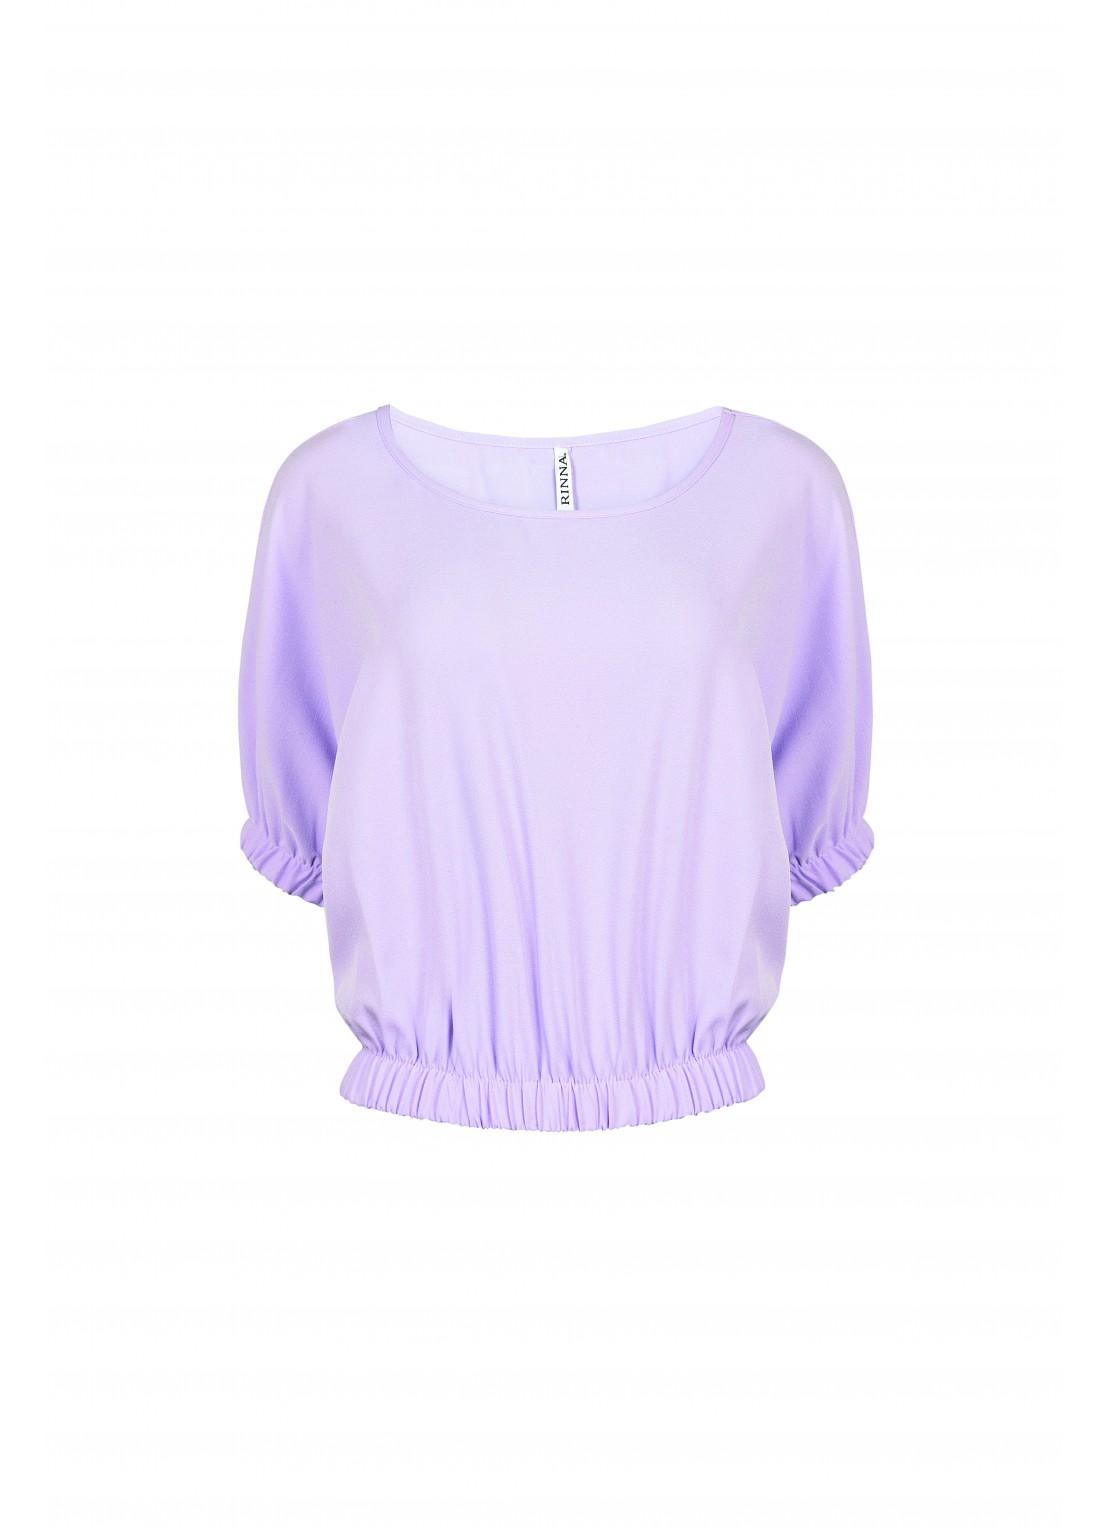 Blusa manga corta lila